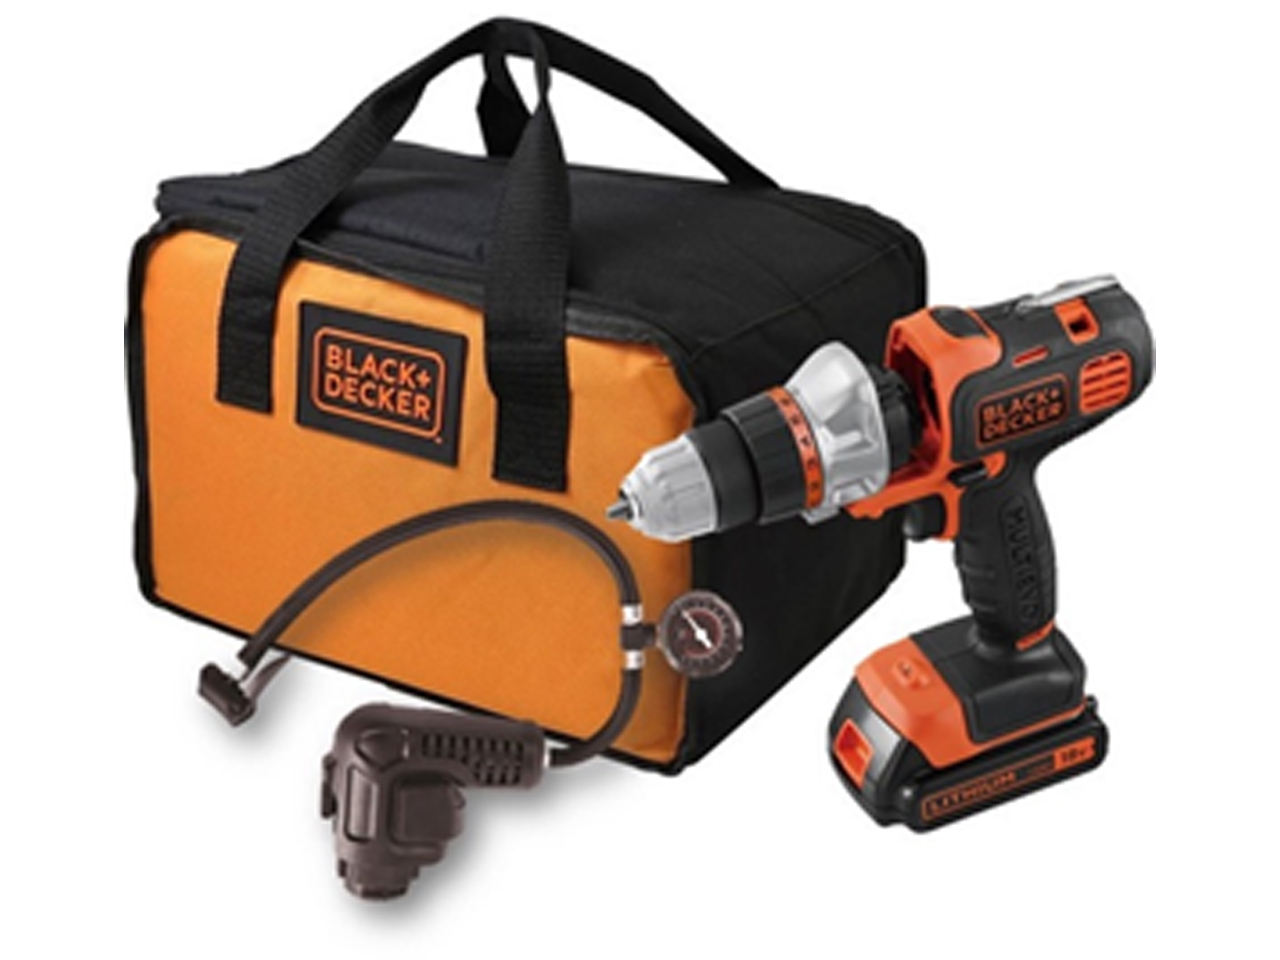 ブラック・アンド・デッカー コードレスマルチツール オレンジ BDCDMT120